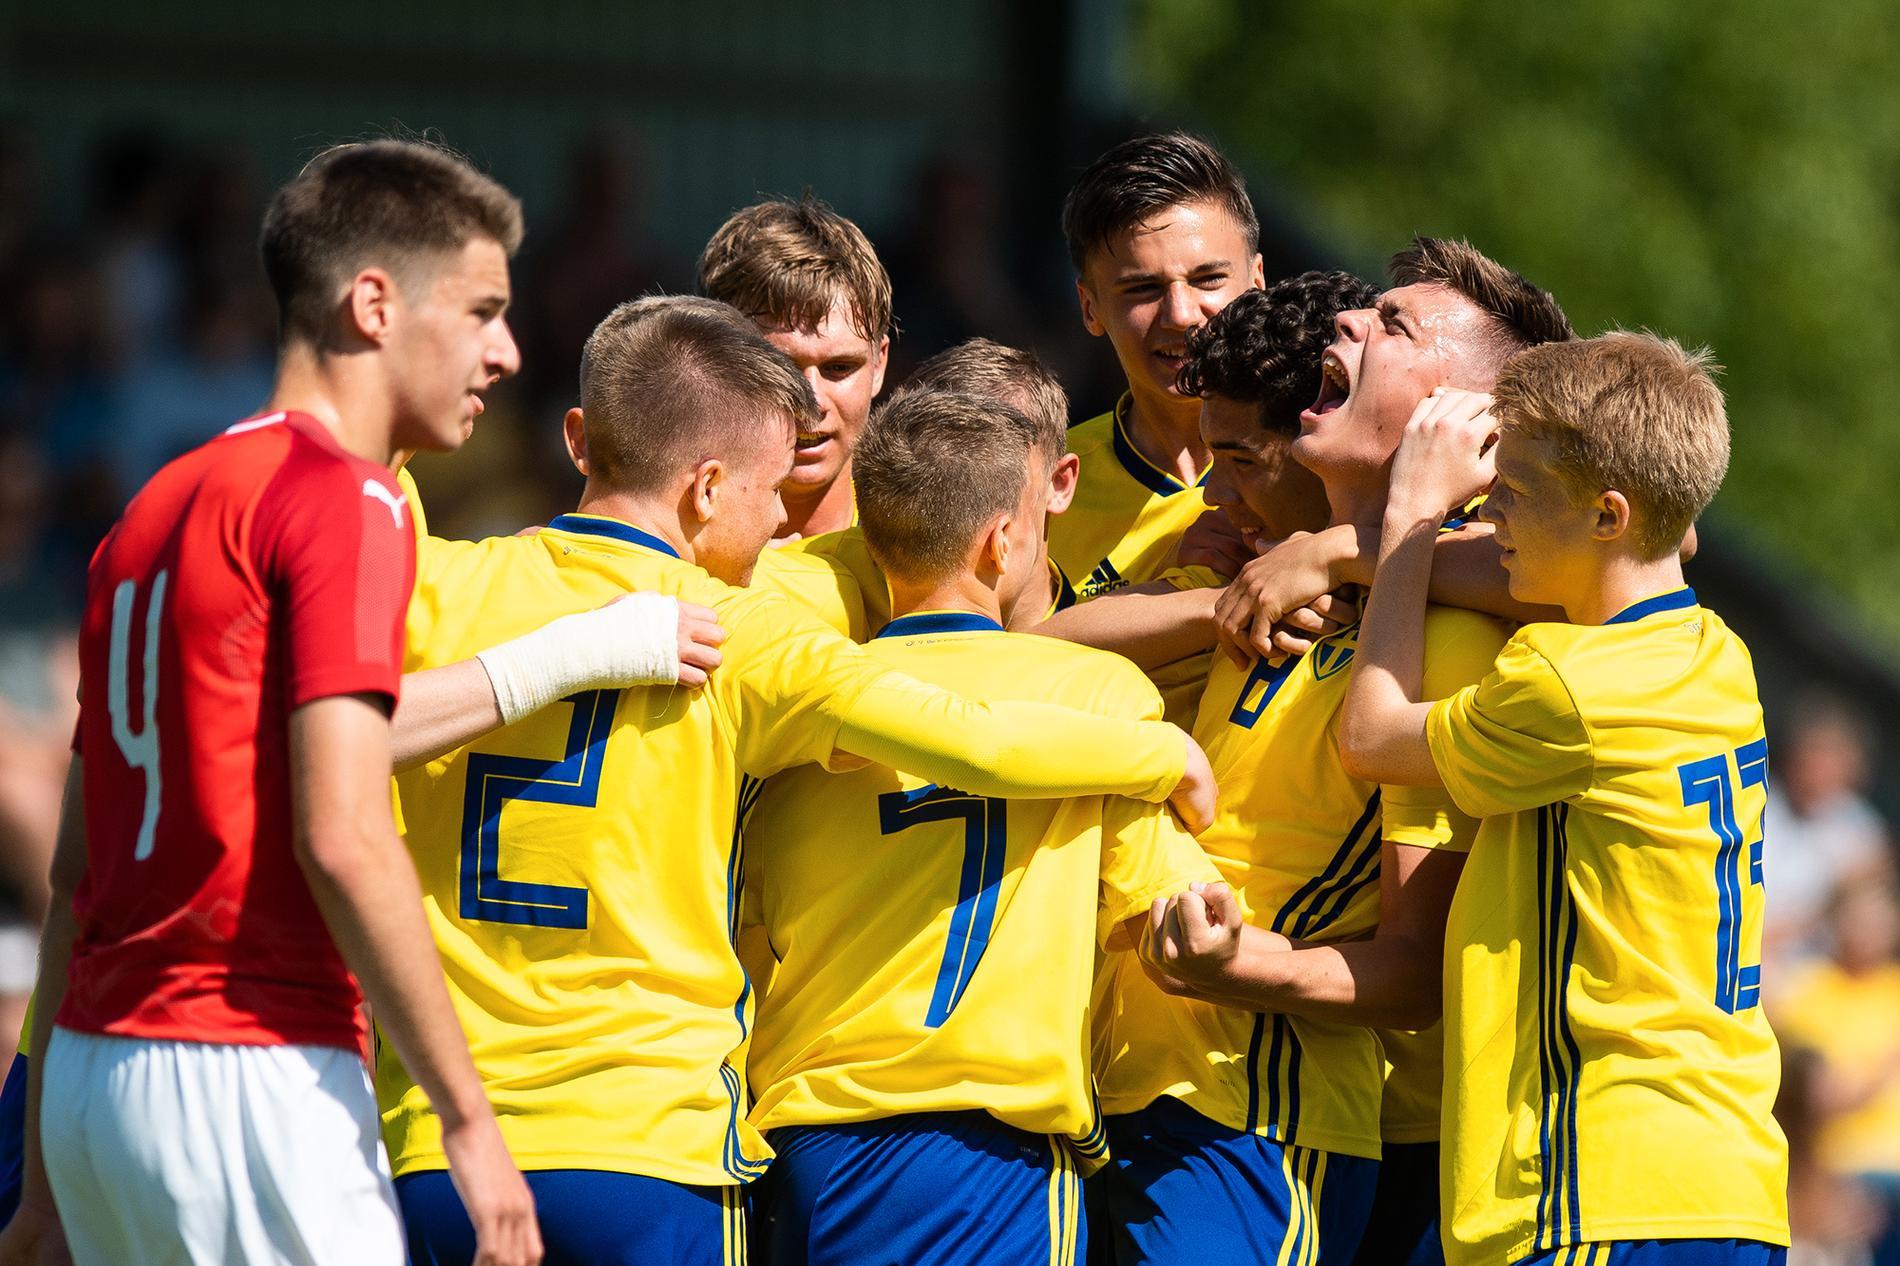 Uefa har bjudit in till utvecklingsturneringar för nationslag så unga som 14 år. Det tvingas Sverige tacka nej då egna systemet sätter stopp för det. Bilden är tagen från en match med Sveriges P16-landslag 2016.